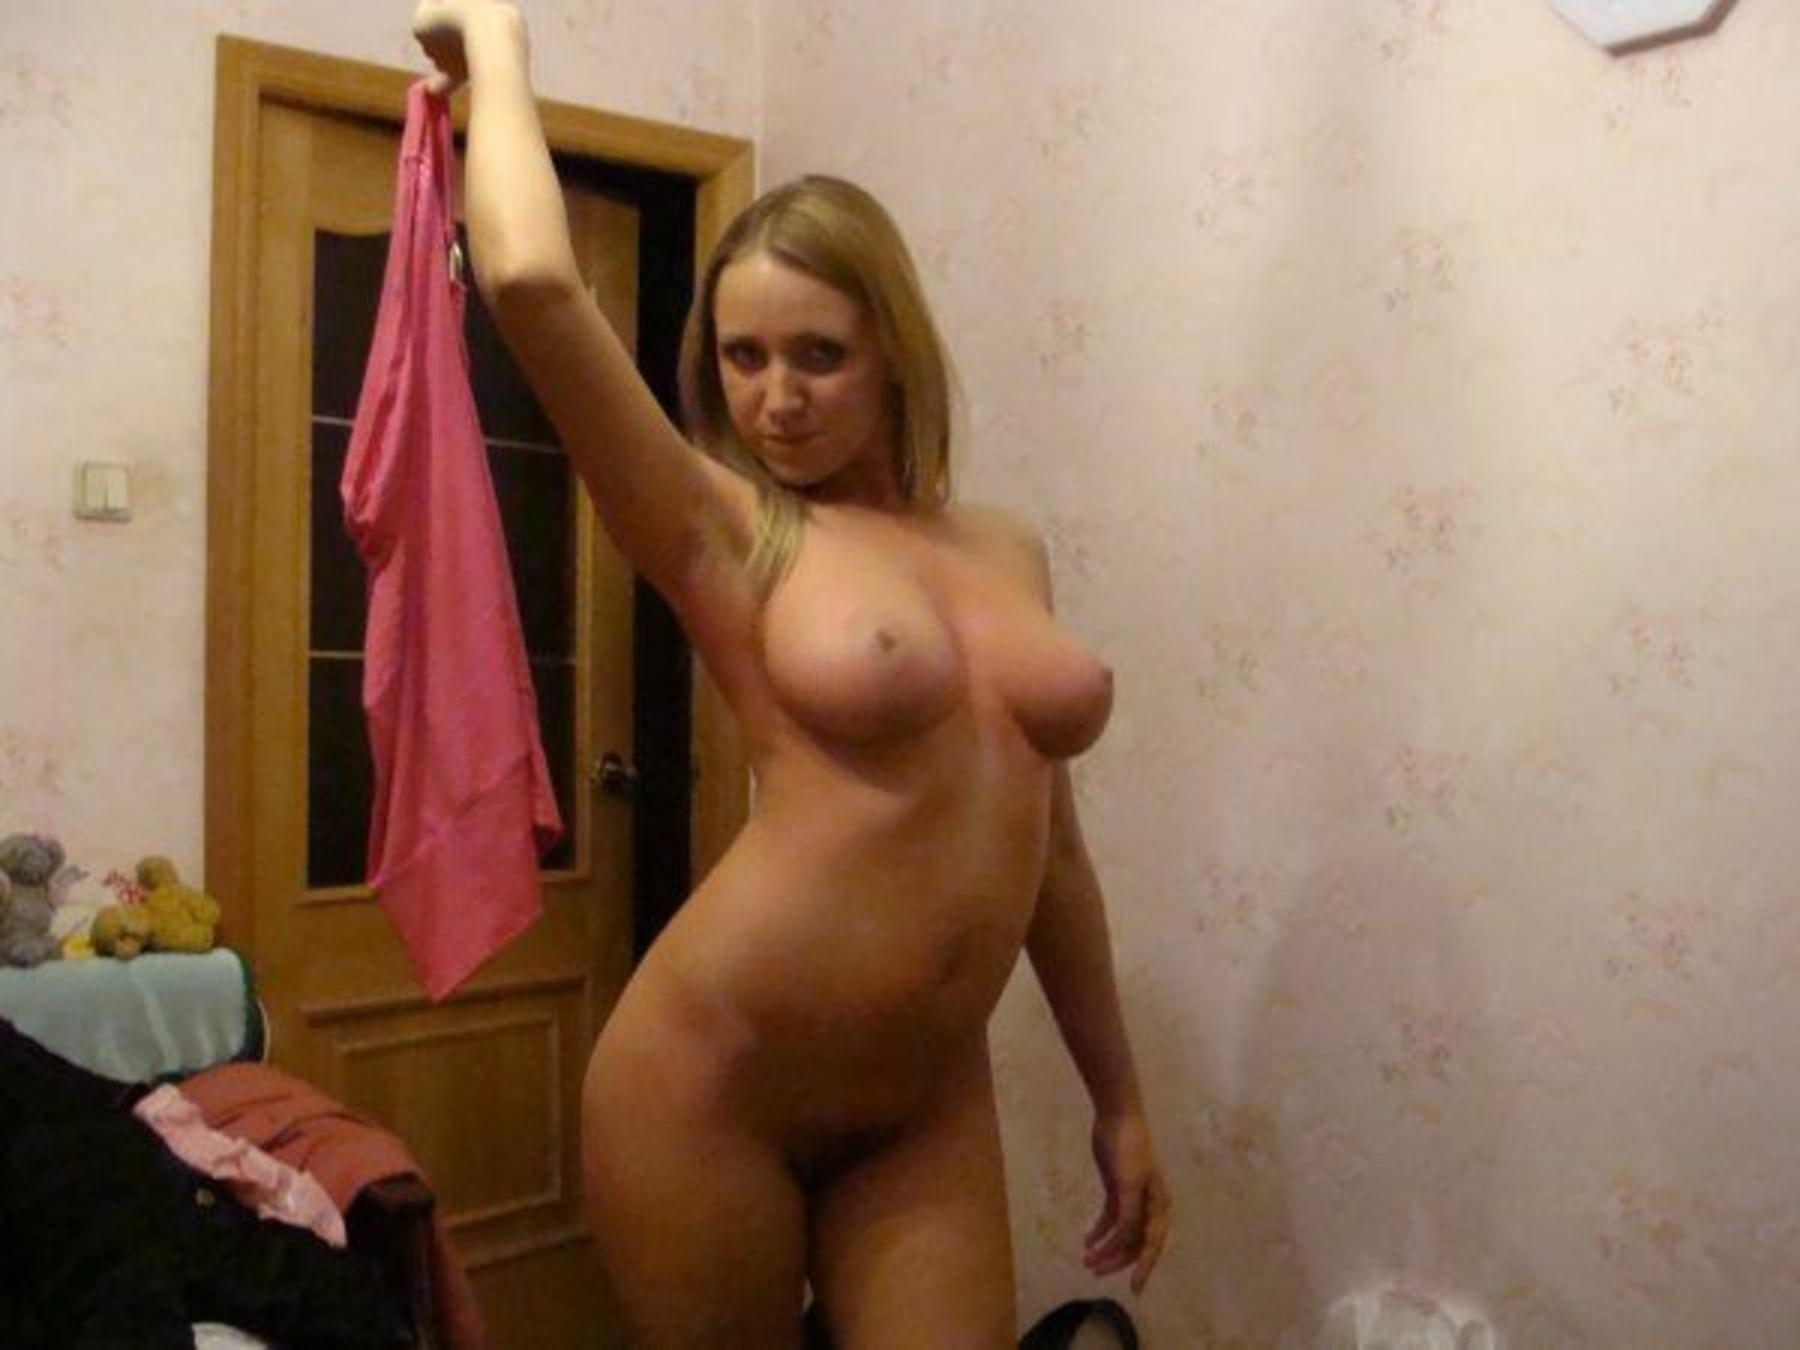 Любительское порно фото студентов больших сисек